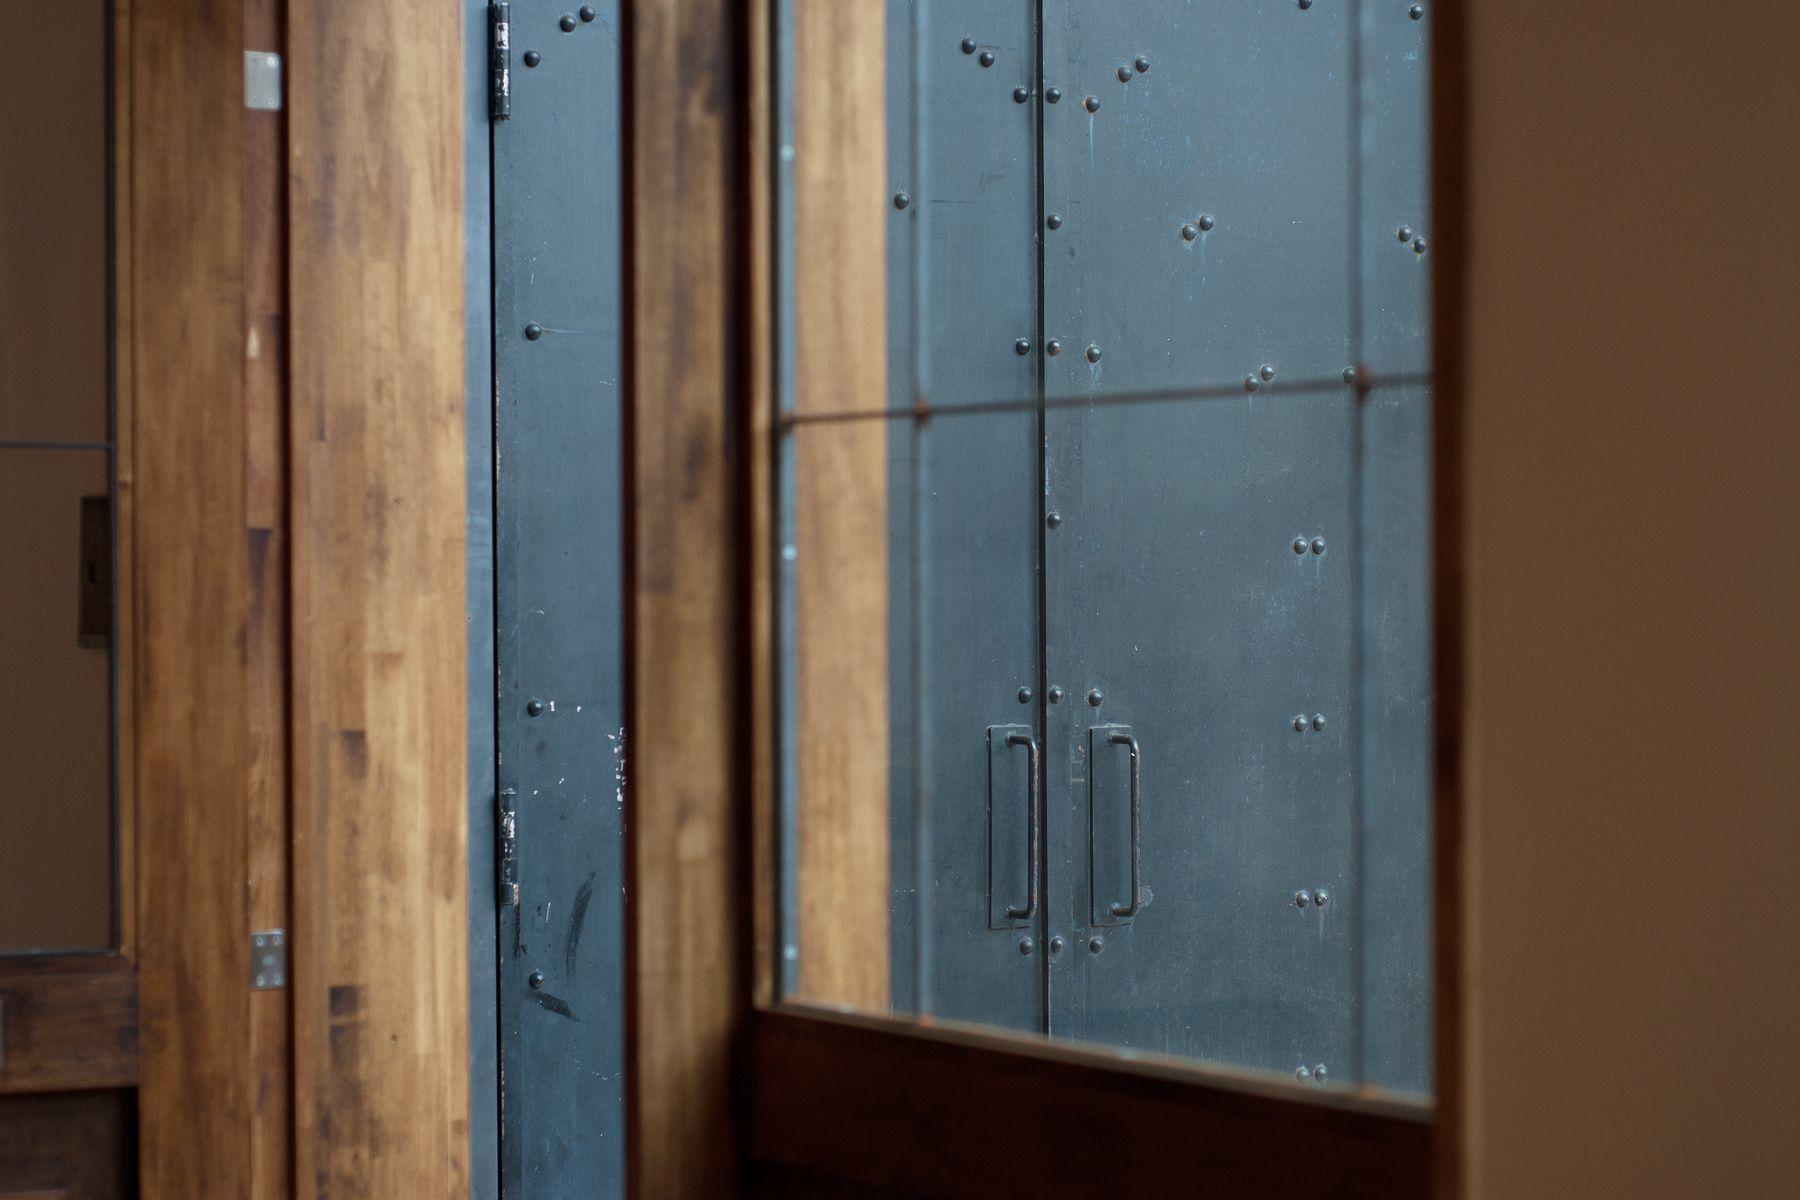 debolbe Studio&Warehouse (ディボルブ スタジオ)木製入口から鉄扉入口方向